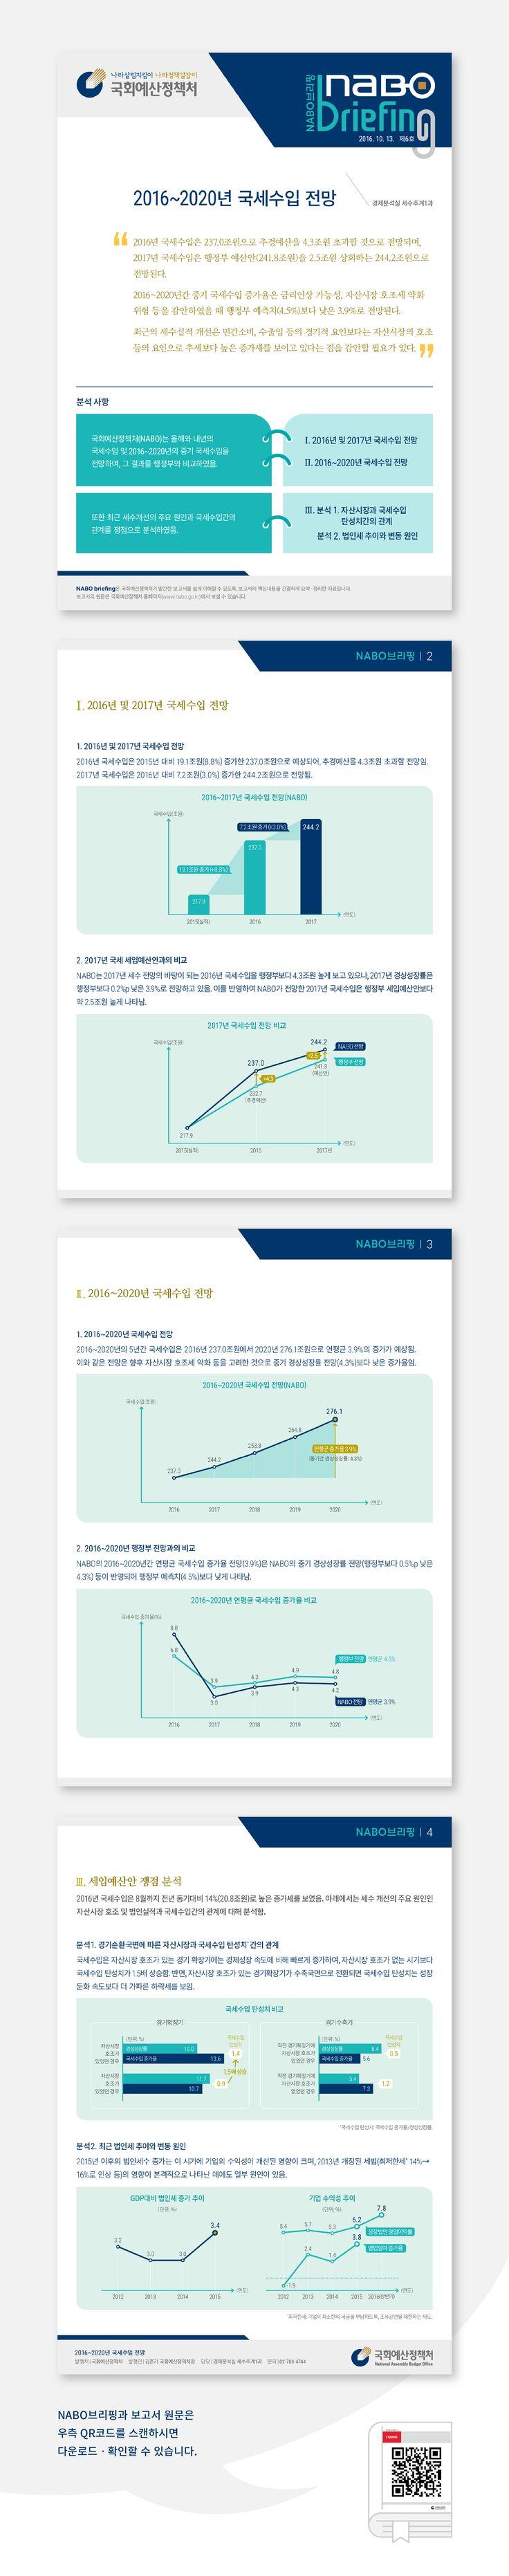 [국회예산정책처] 중기 국세수입 전망에 관한 보고서를 요약한 인포그래픽